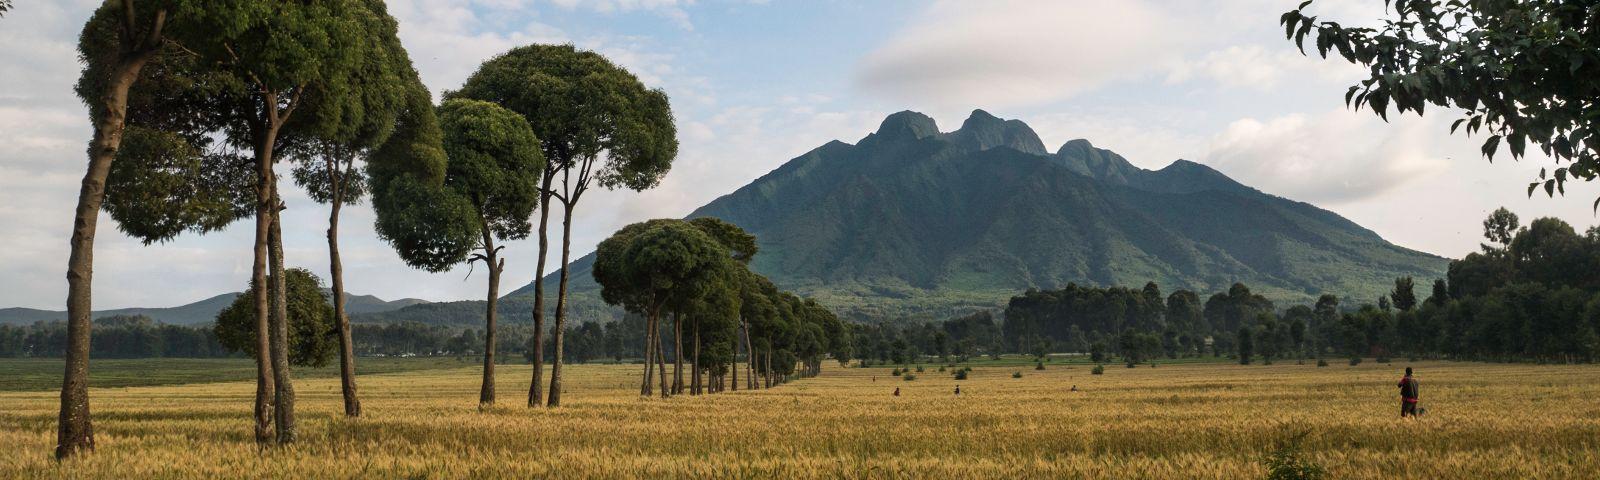 Blick auf einen Vulkan in der Ferne